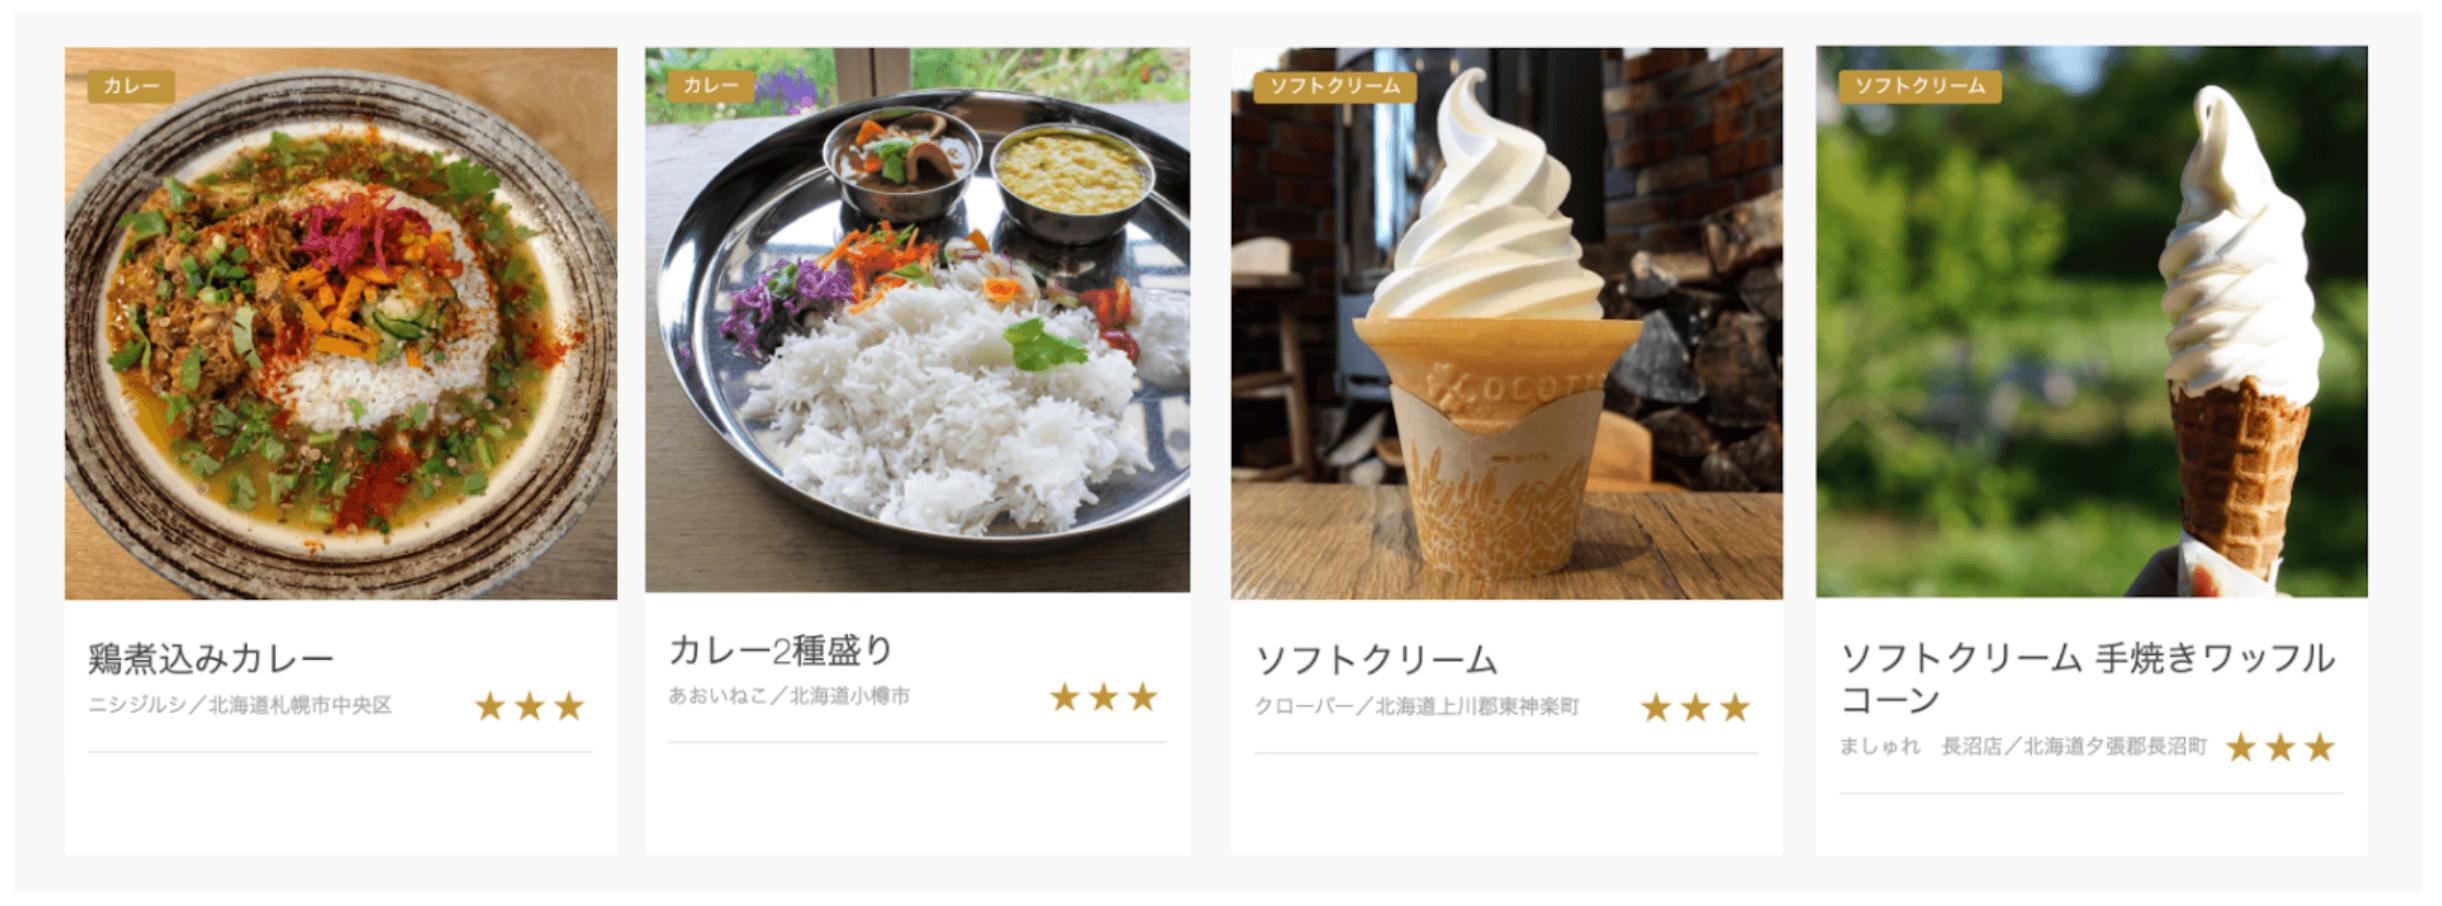 『SARAH JAPAN MENU AWARD 2020』の北海道選出店舗